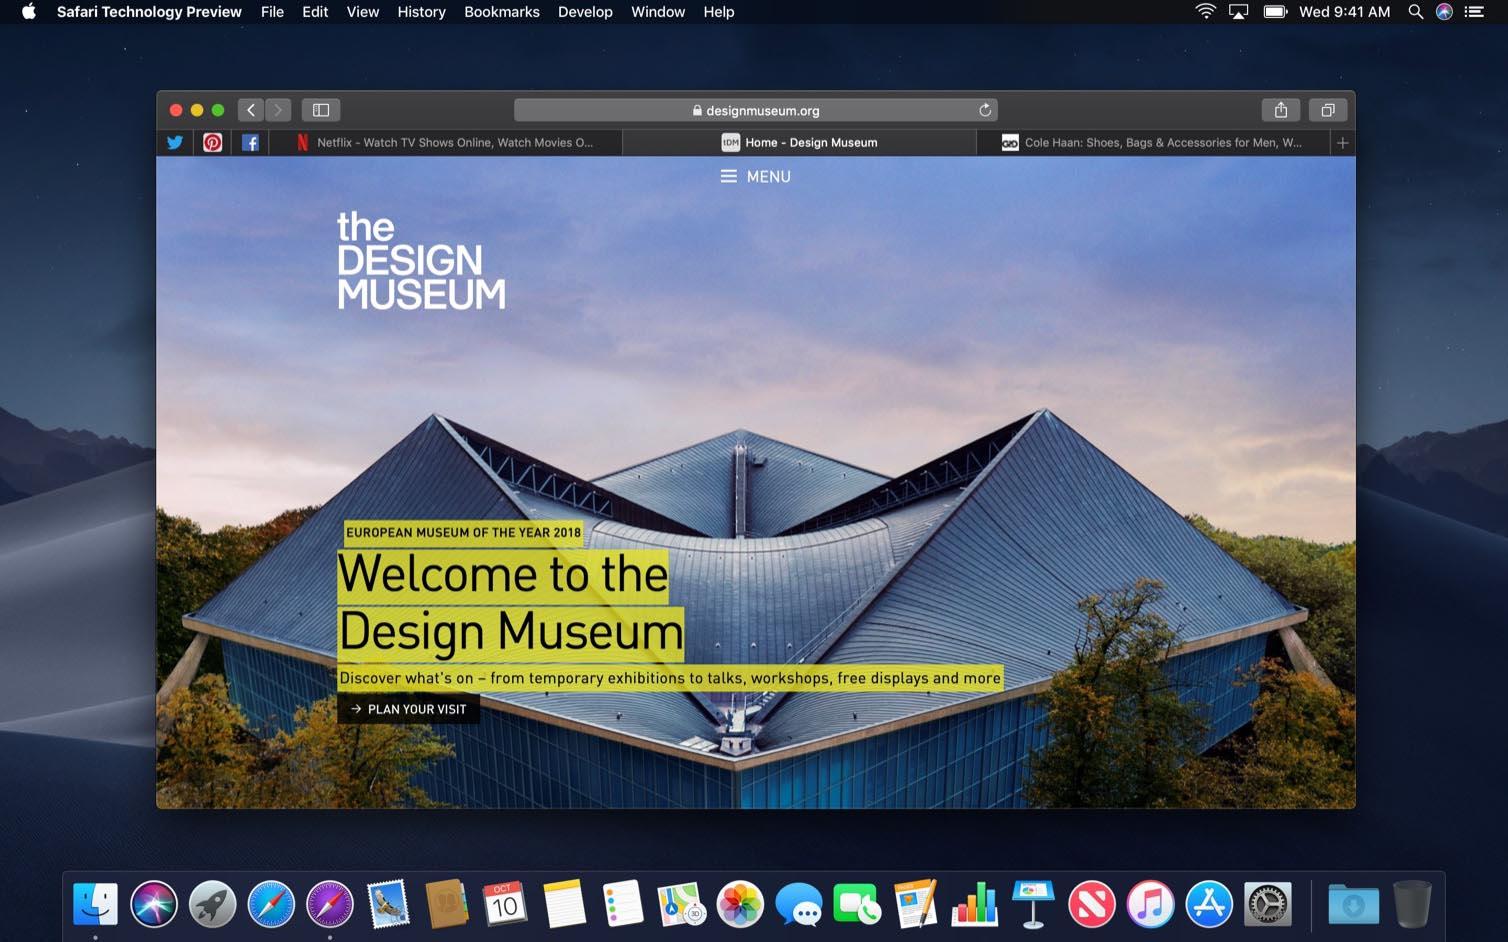 Safari Developer Preview